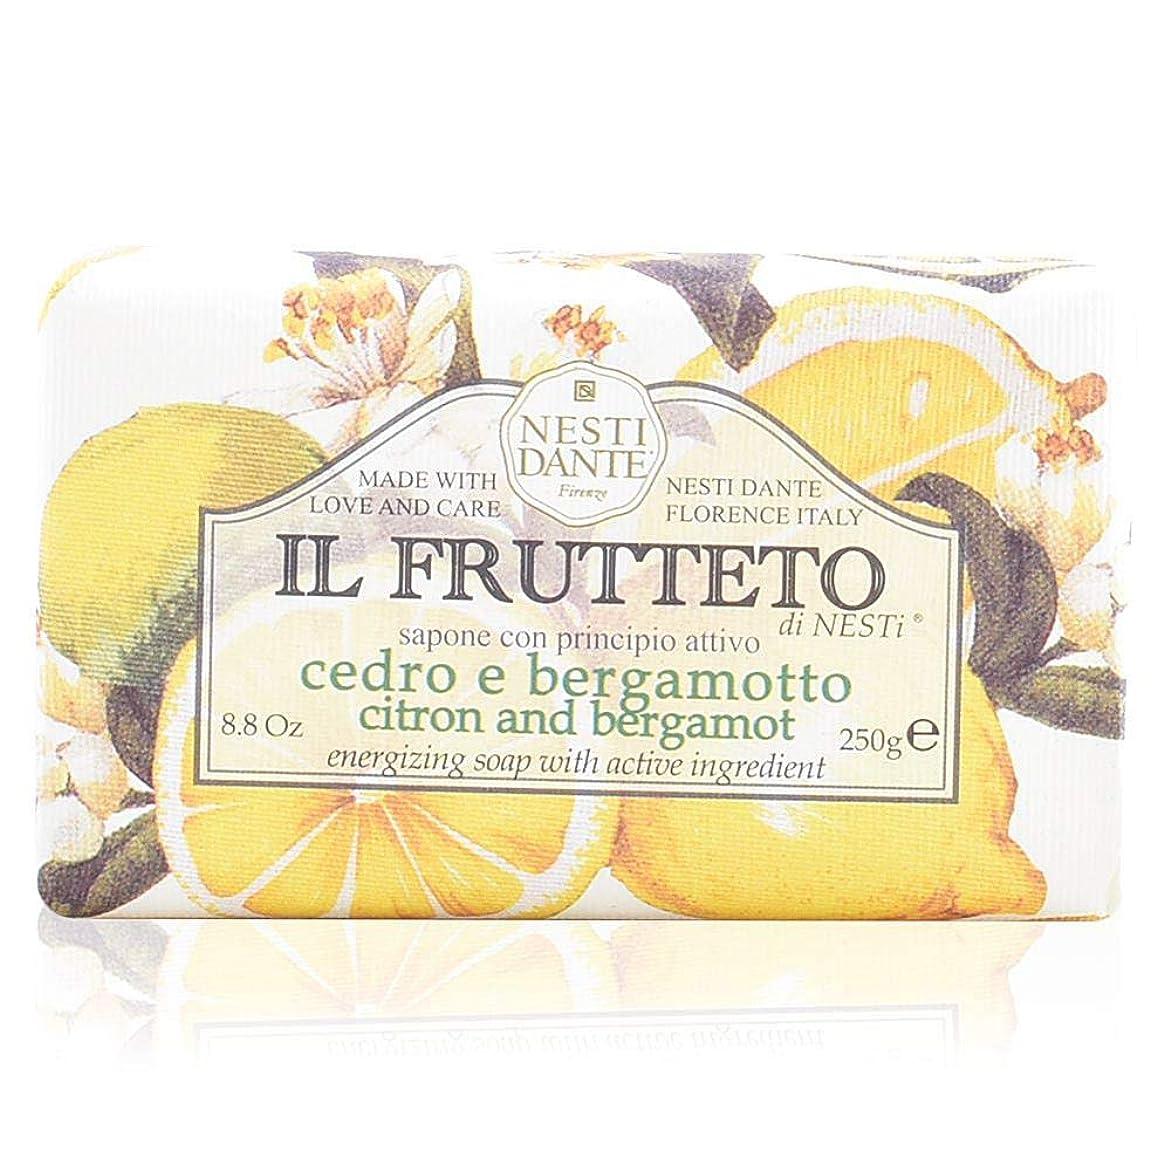 好色なフェミニン説明的ネスティダンテ イル フルッテート ソープ レモン&ベルガモット 250g